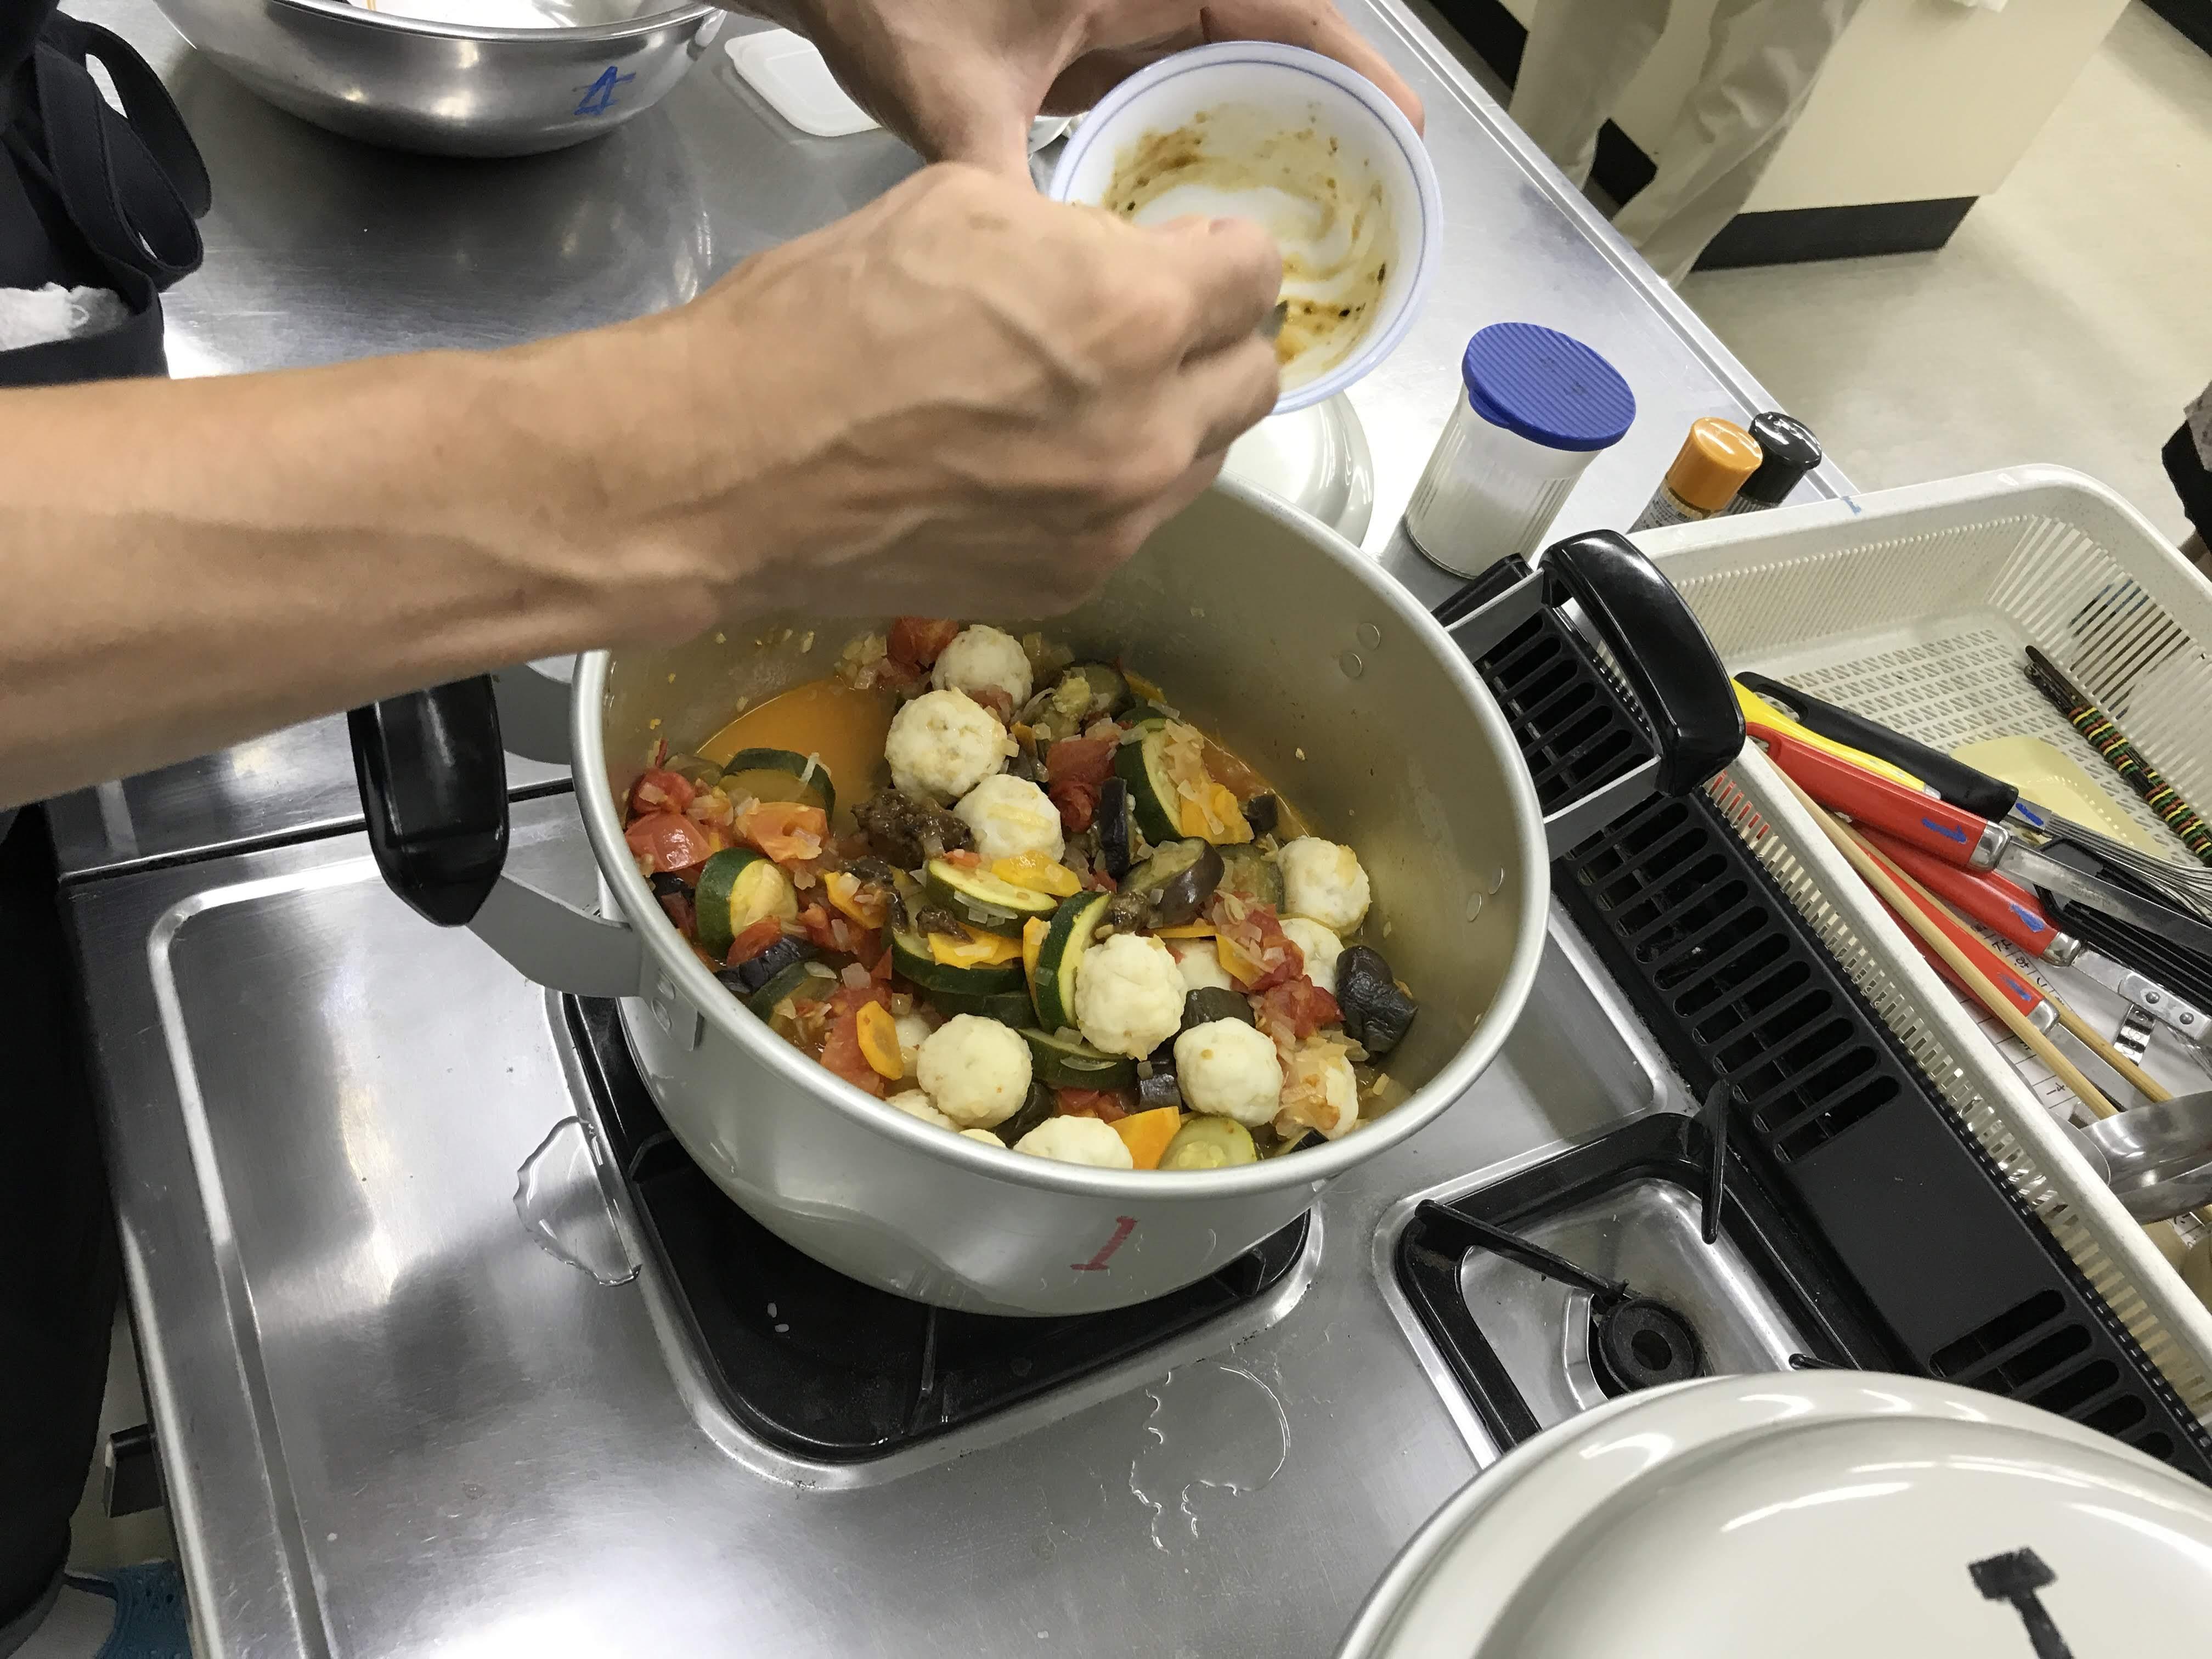 鱧団子をつくり、野菜と煮込みます